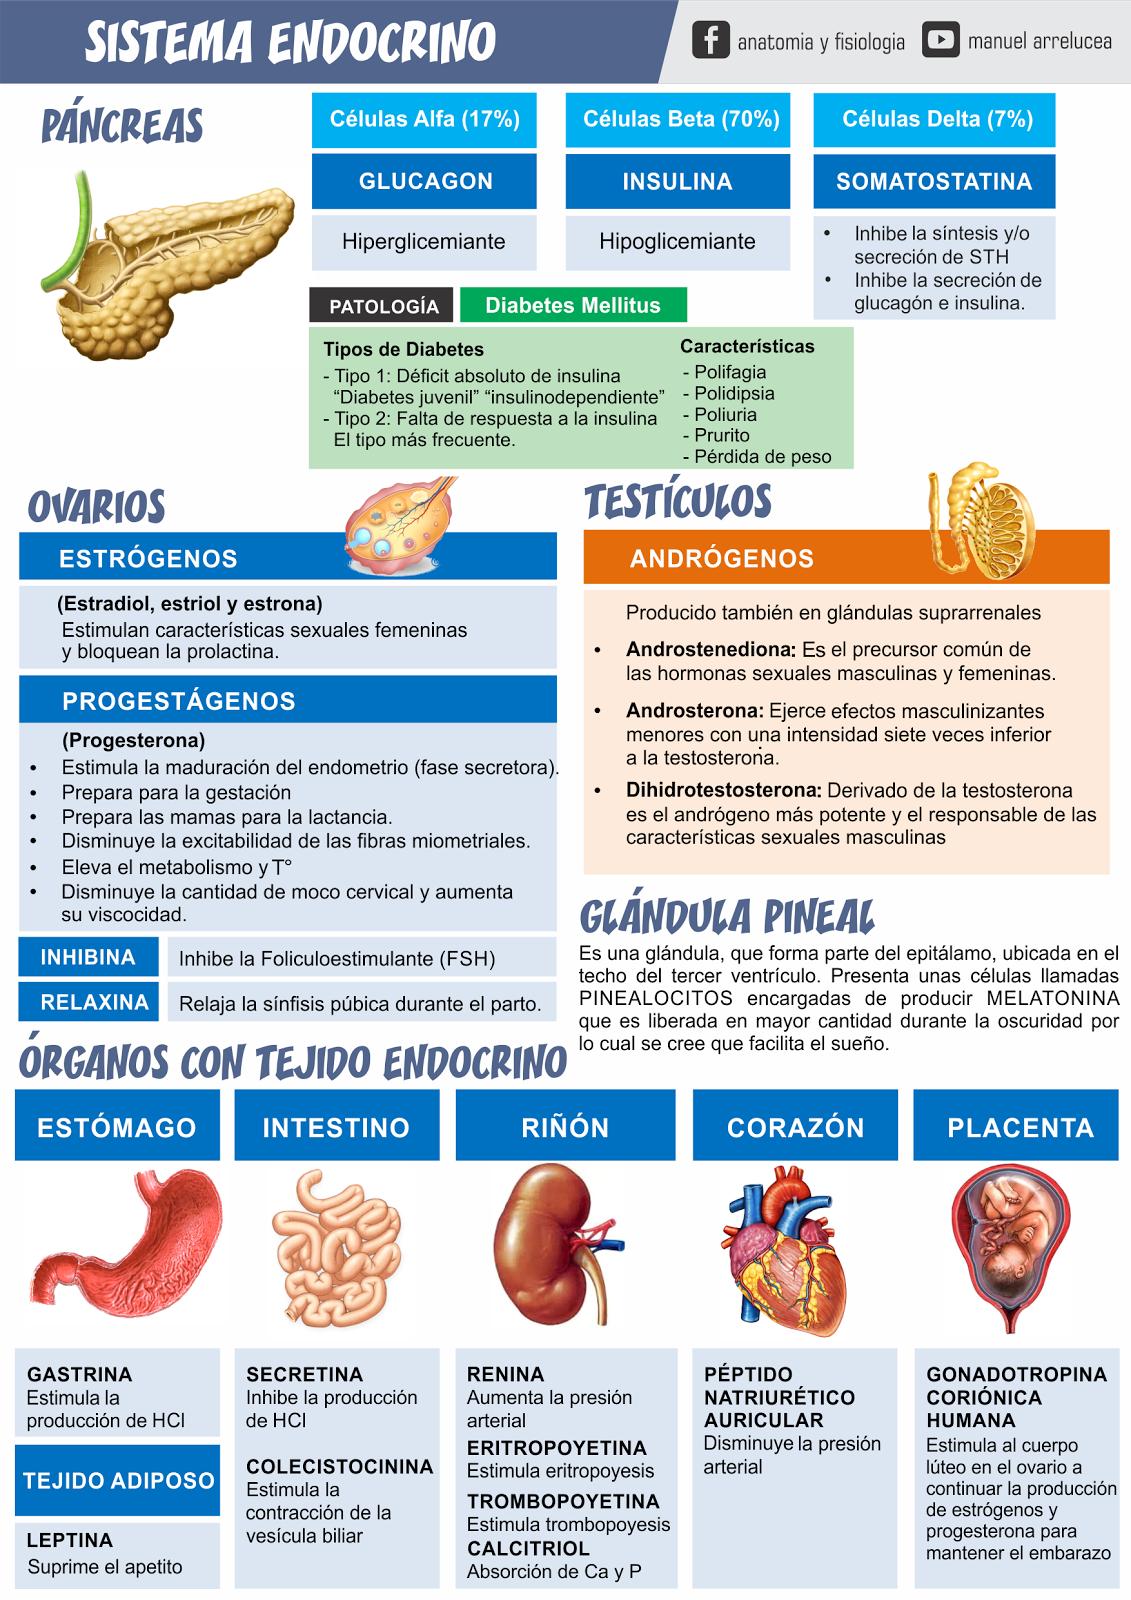 Anatomía y Fisiología: RESUMEN DE SISTEMA ENDOCRINO